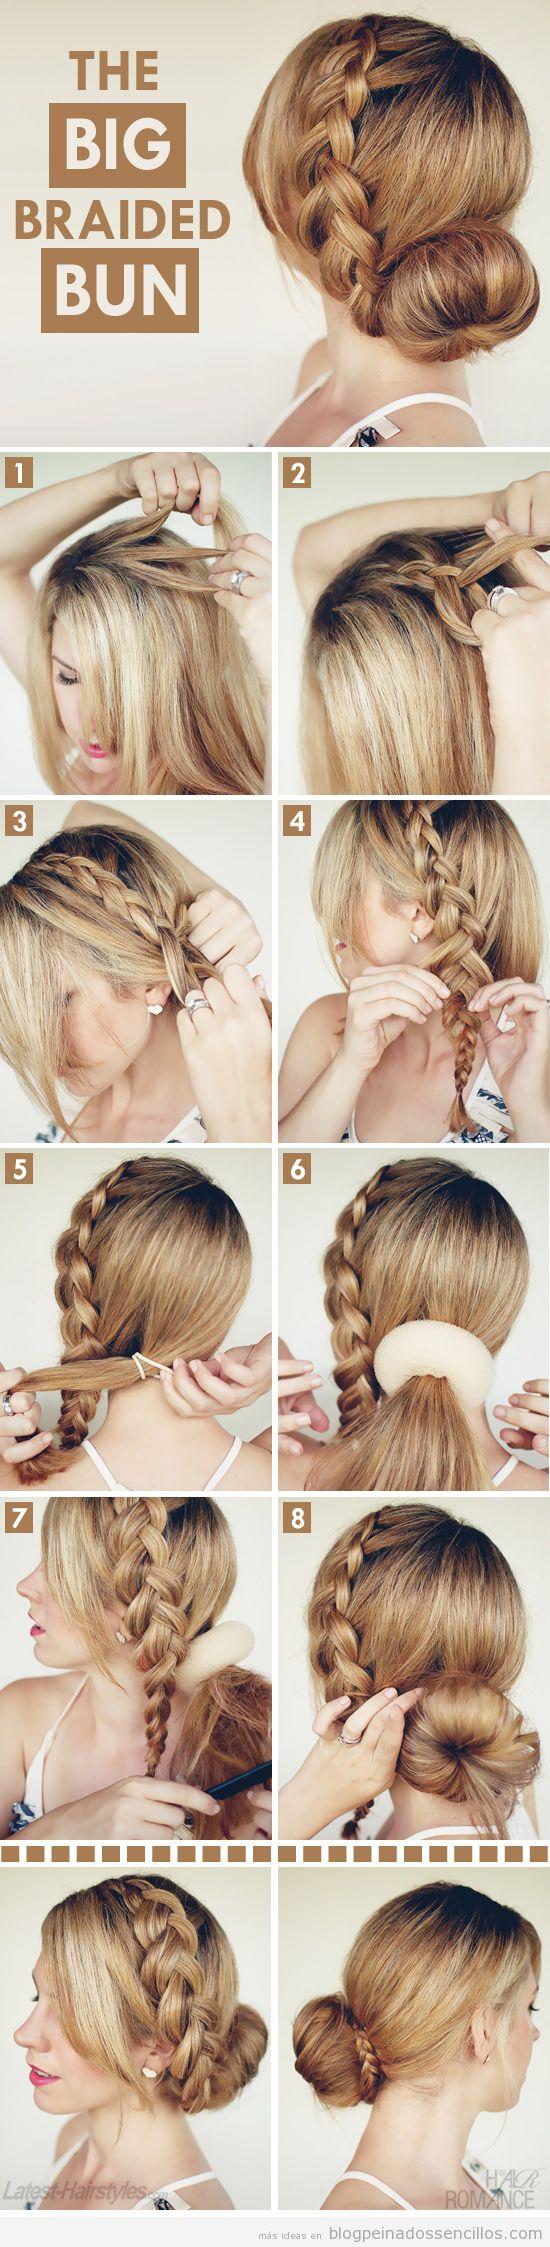 Tutorial aprender peinado sencillo con trenza y moño